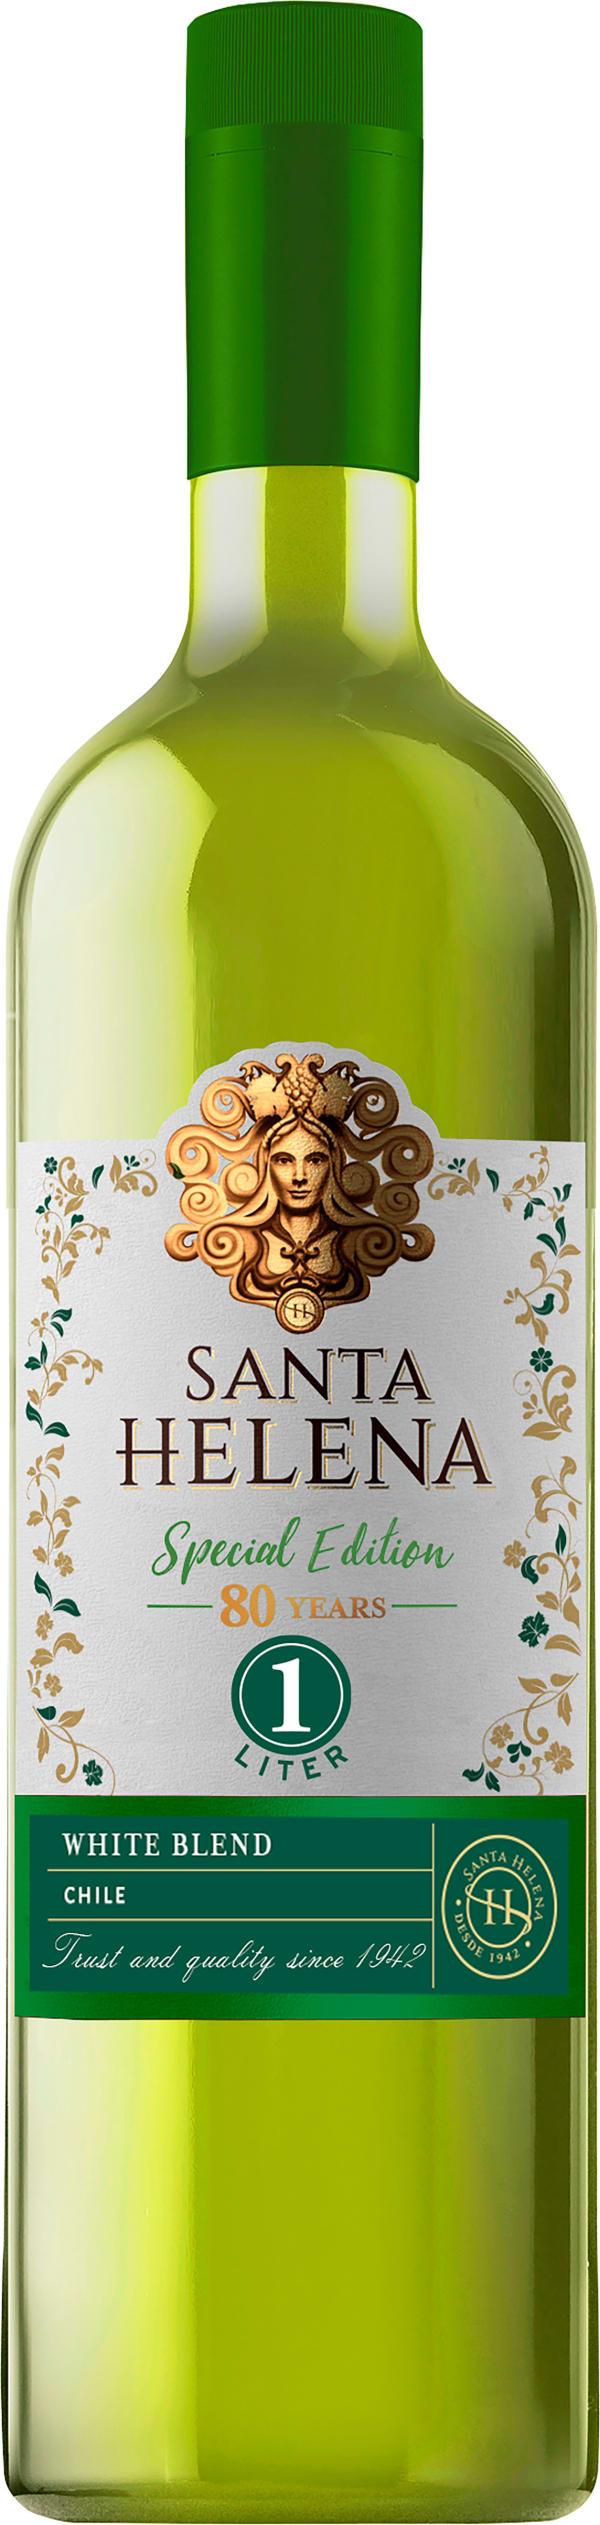 Santa Helena Varietal White Blend 2019 plastic bottle